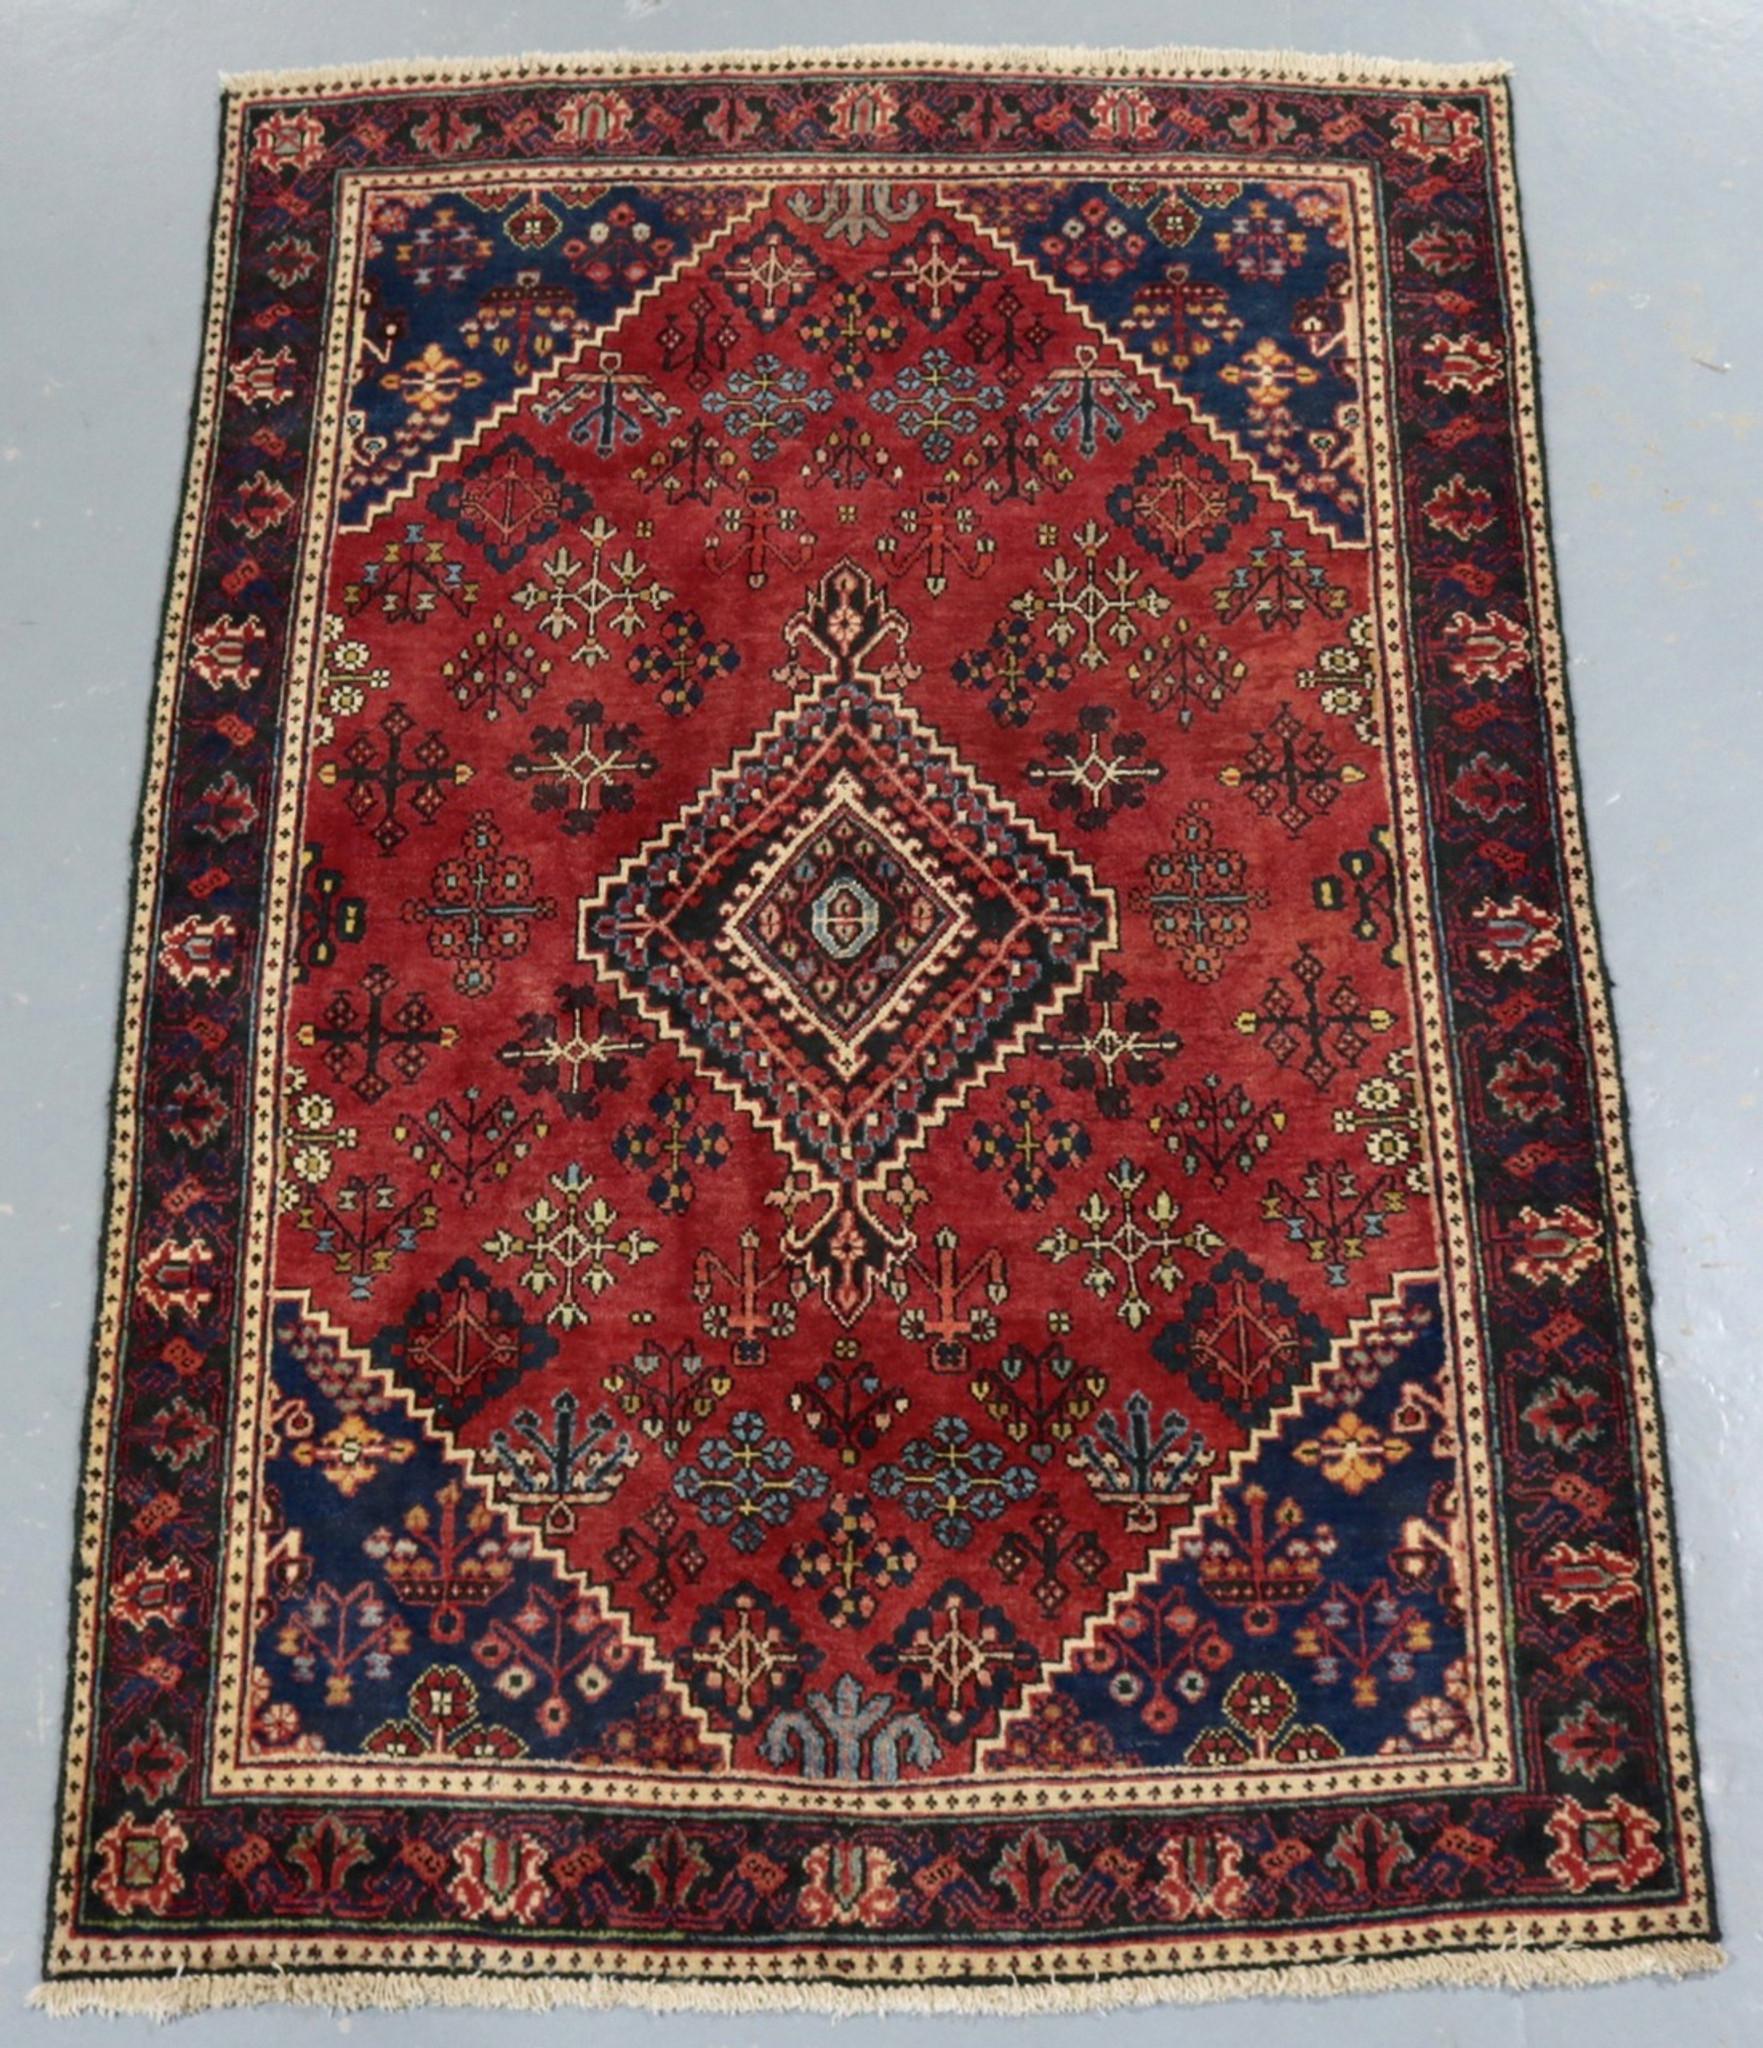 Persian Rugs Australia: Josheghan Vintage Persian Rug (Ref 210) 195x130cm